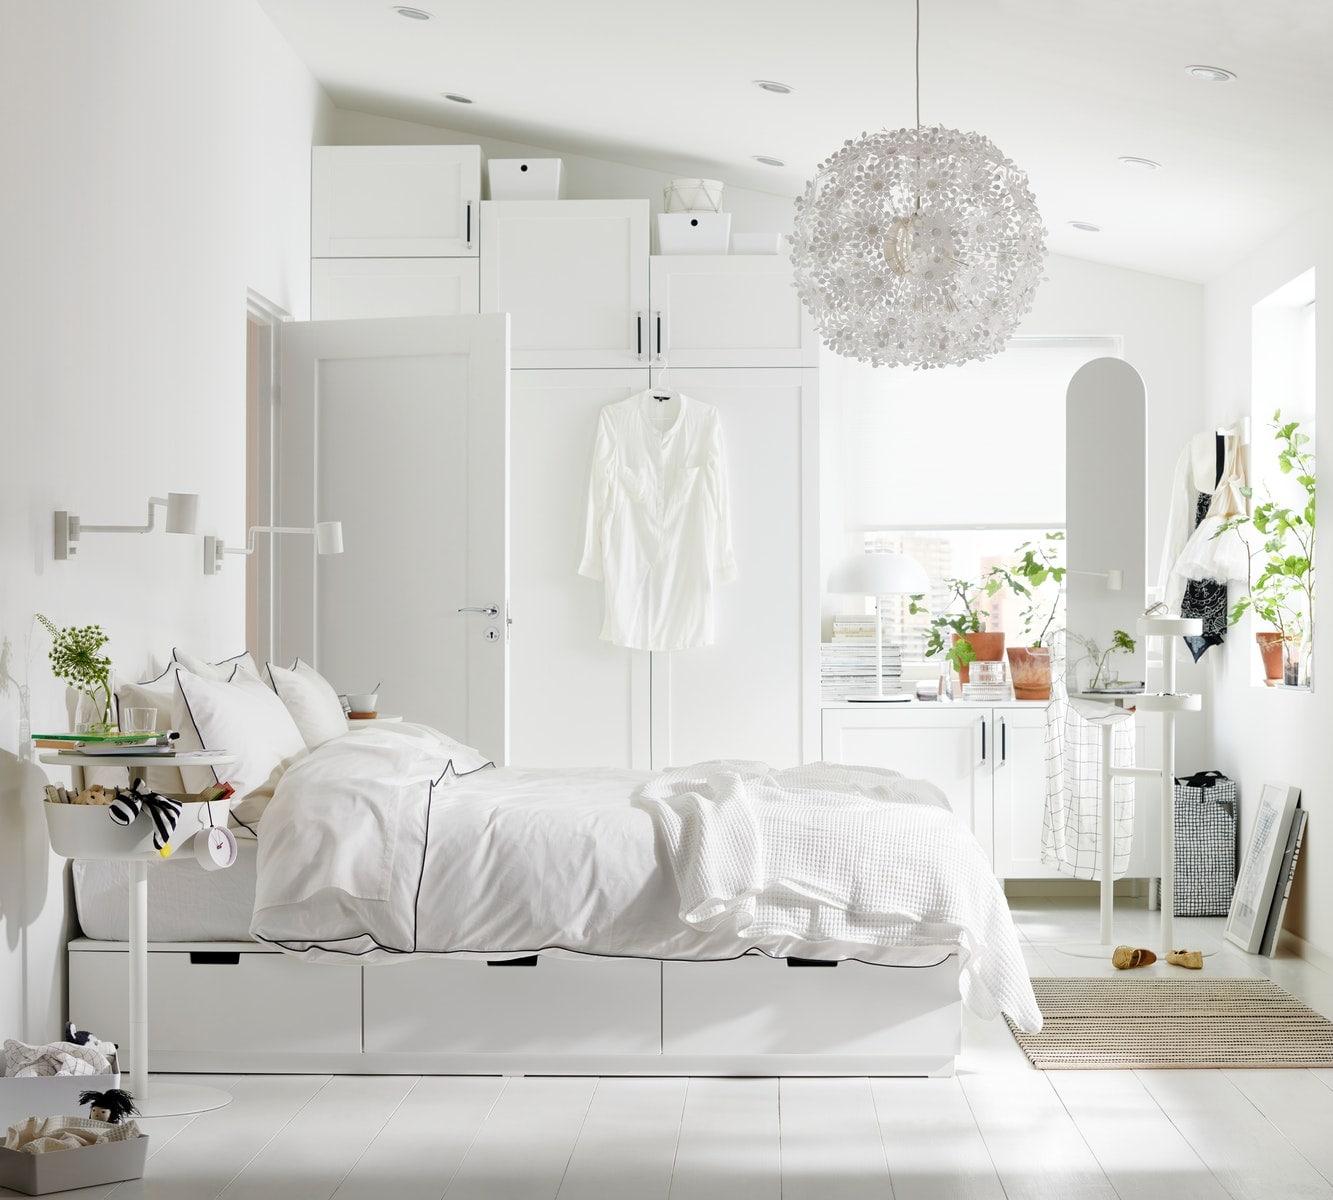 Ein freundliches, weißes Schlafzimmer mit einem weißen Kleiderschrank, Kleiderständer und Wandleuchte.